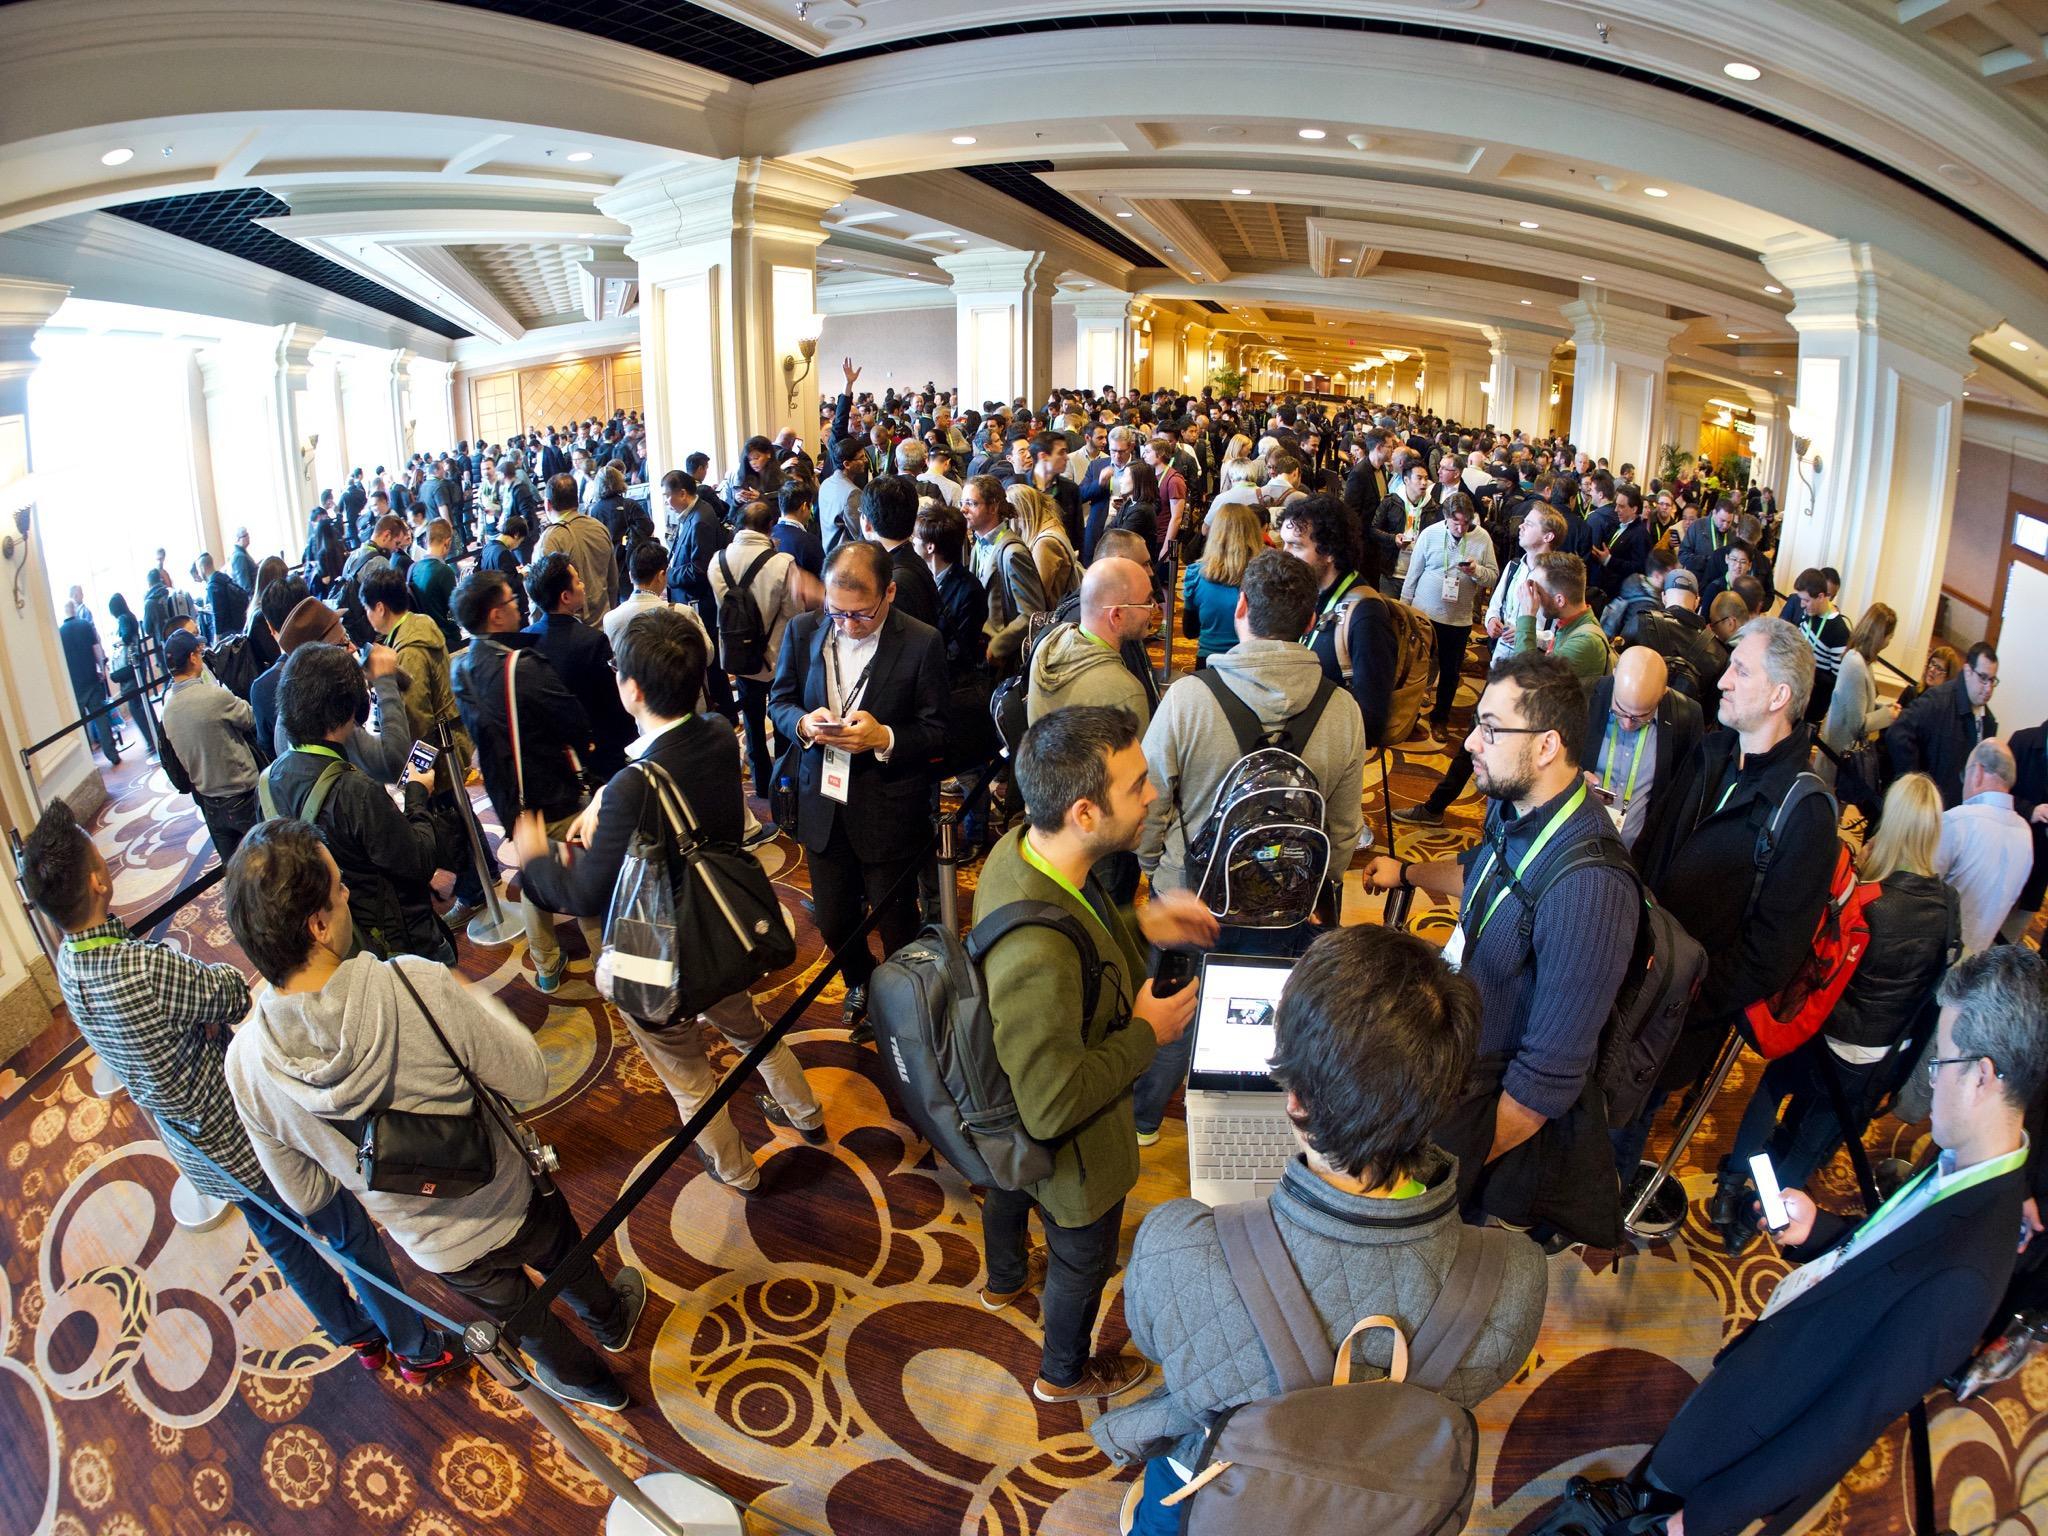 http://thedigitalstory.com/2018/01/09/Waiting-Samsung-Press-Event.jpg